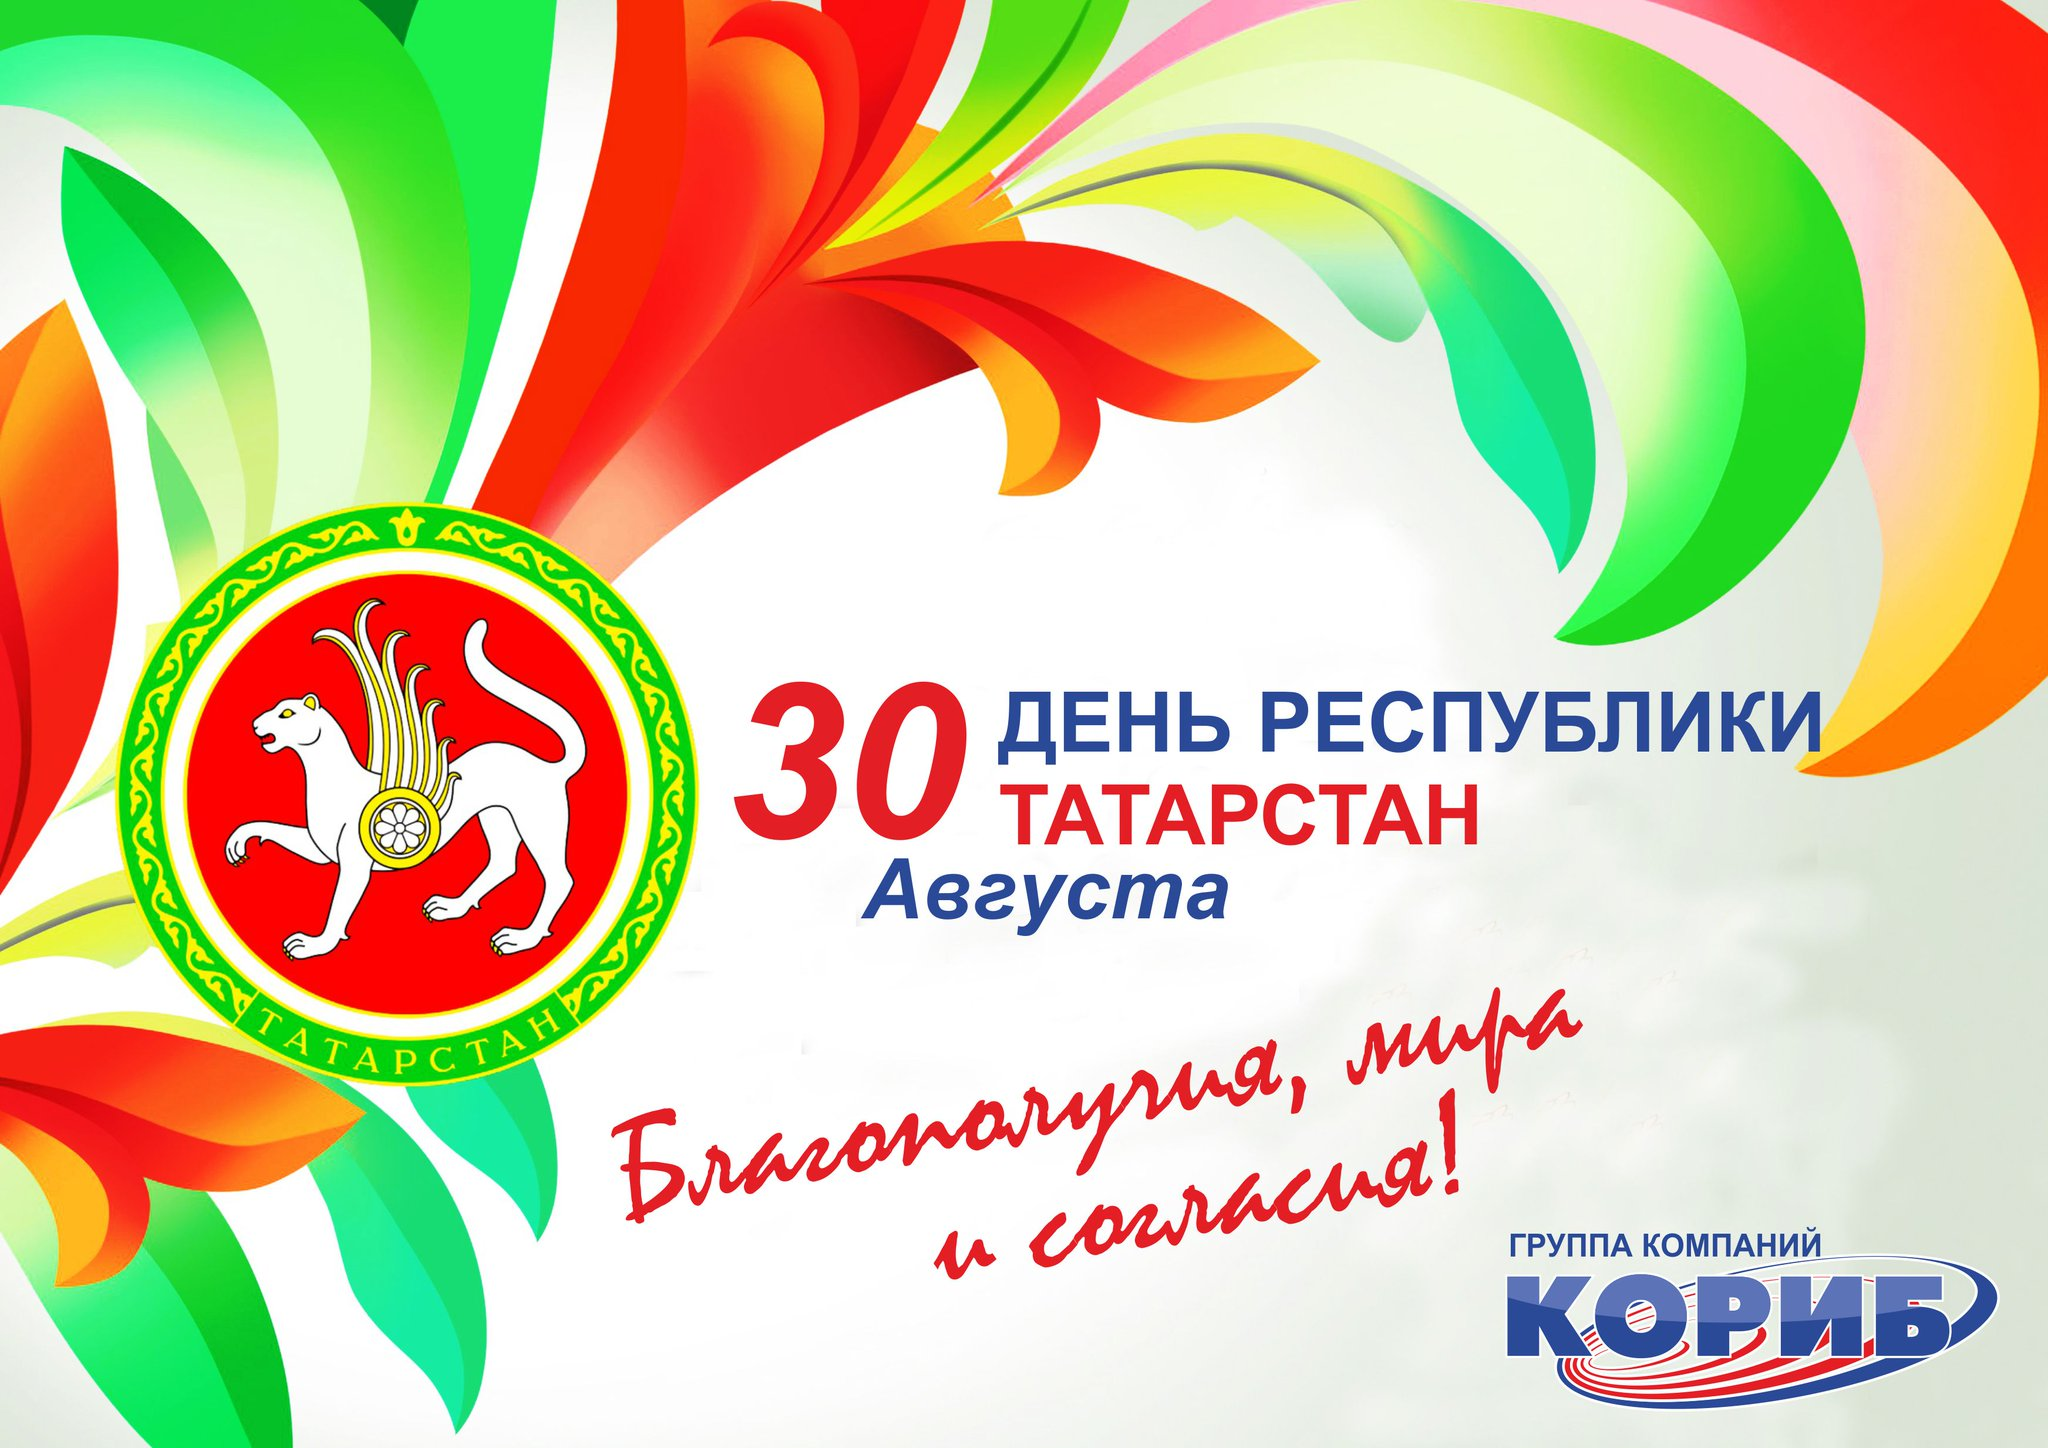 Открытка ко дню республики татарстан